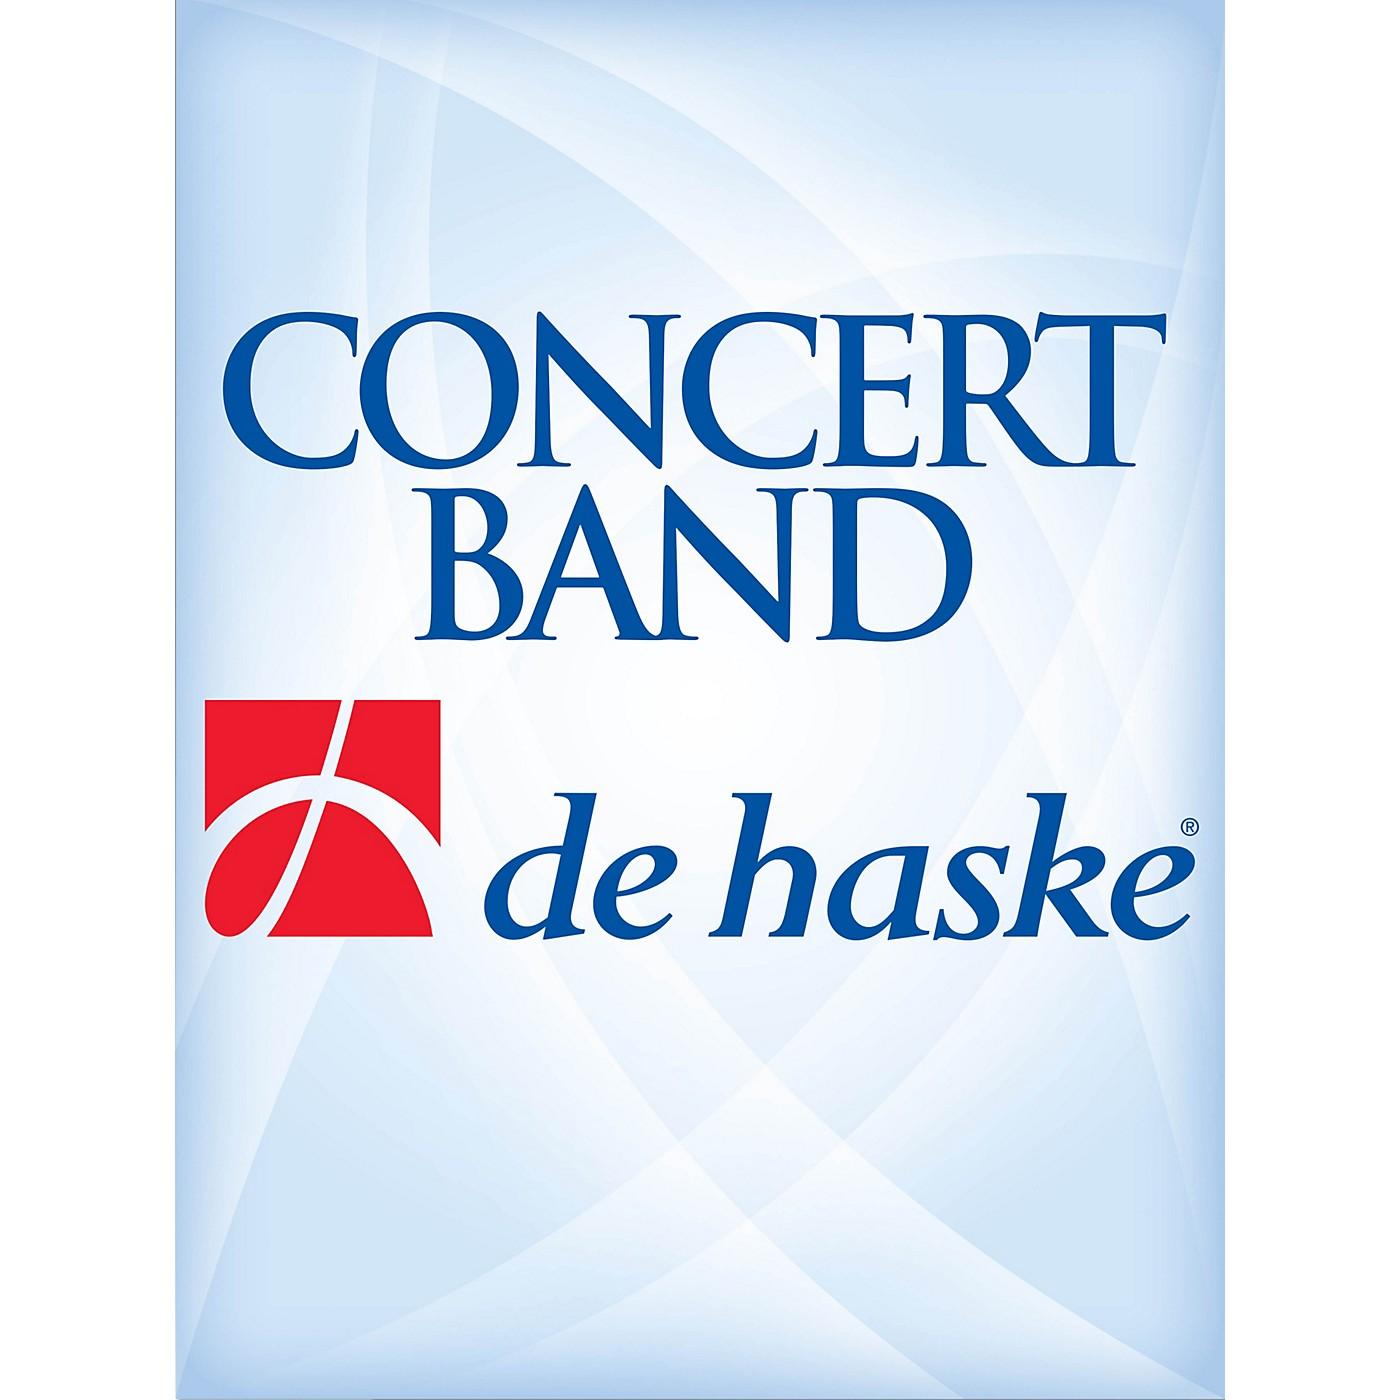 De Haske Music Kraftwerk (Score and Parts) Concert Band Level 3 Composed by Jacob de Haan thumbnail